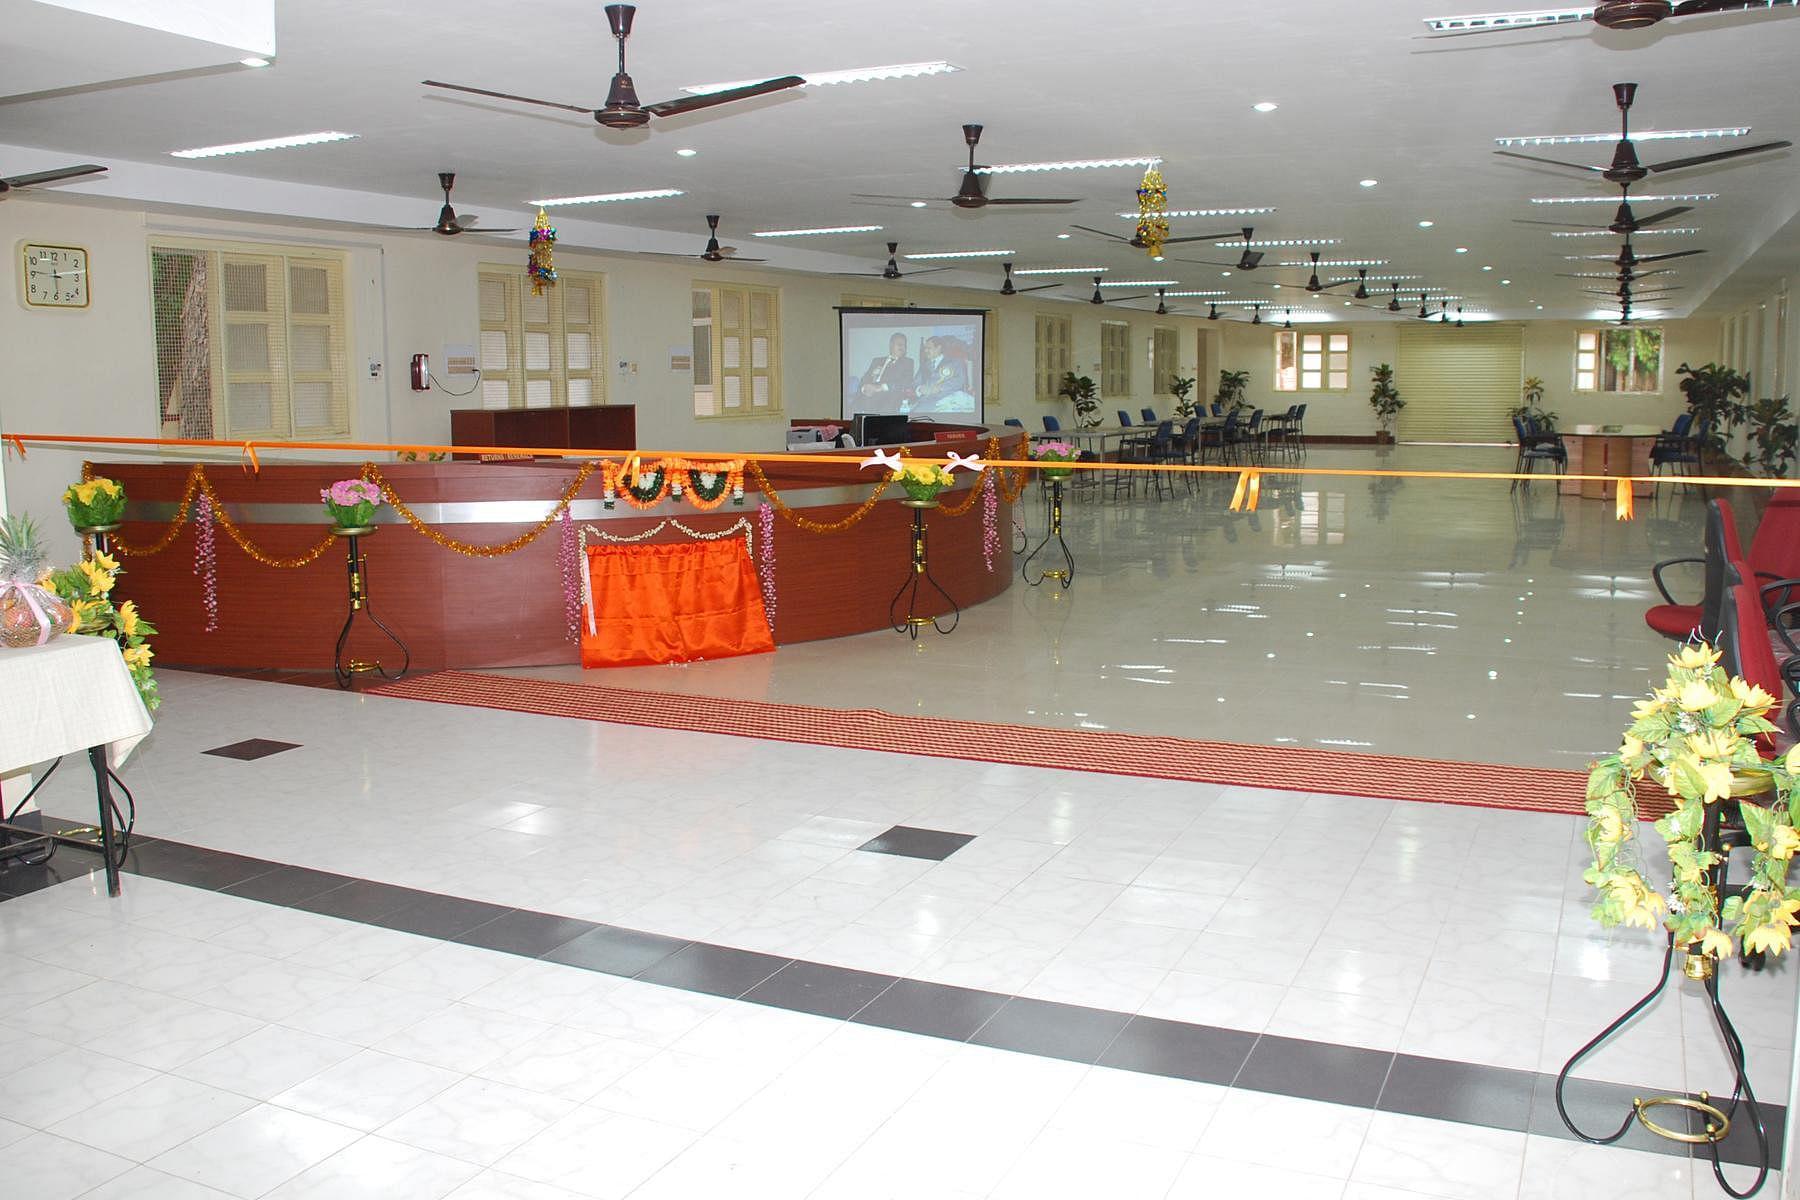 Madras Food Bank